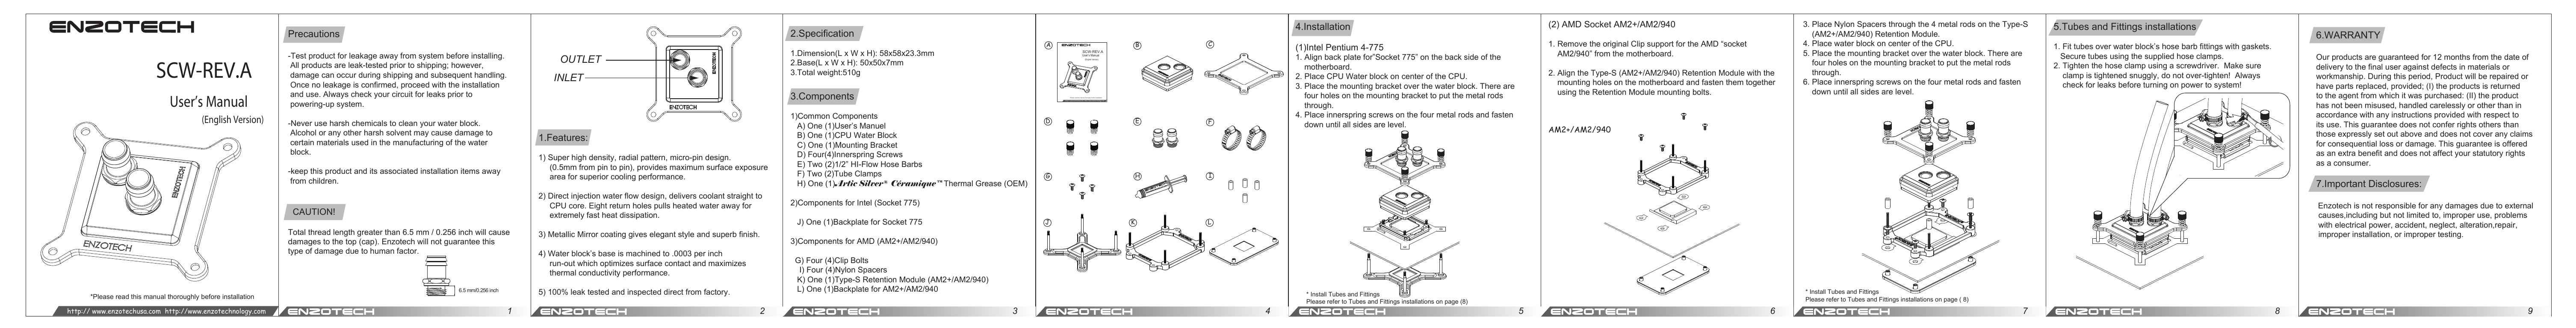 Scw Reva Enzotech Pentium 1 Block Diagram